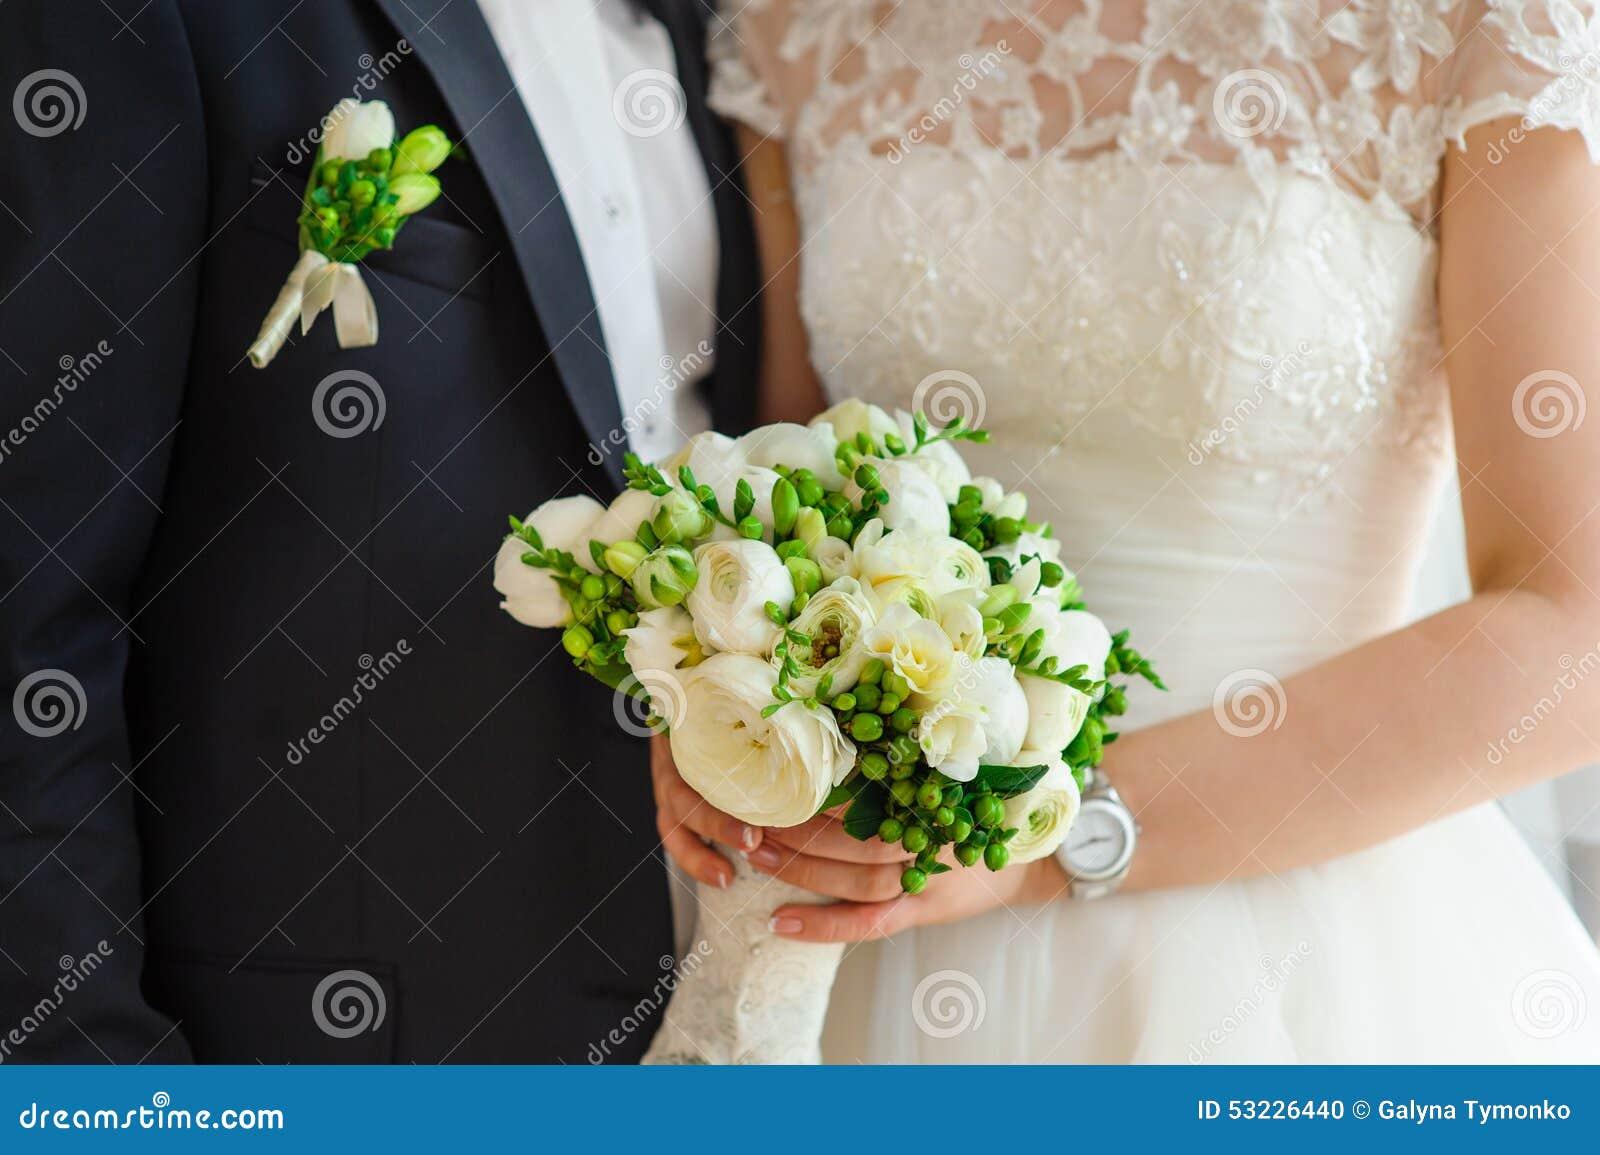 La novia y el novio guardan el ramo nupcial